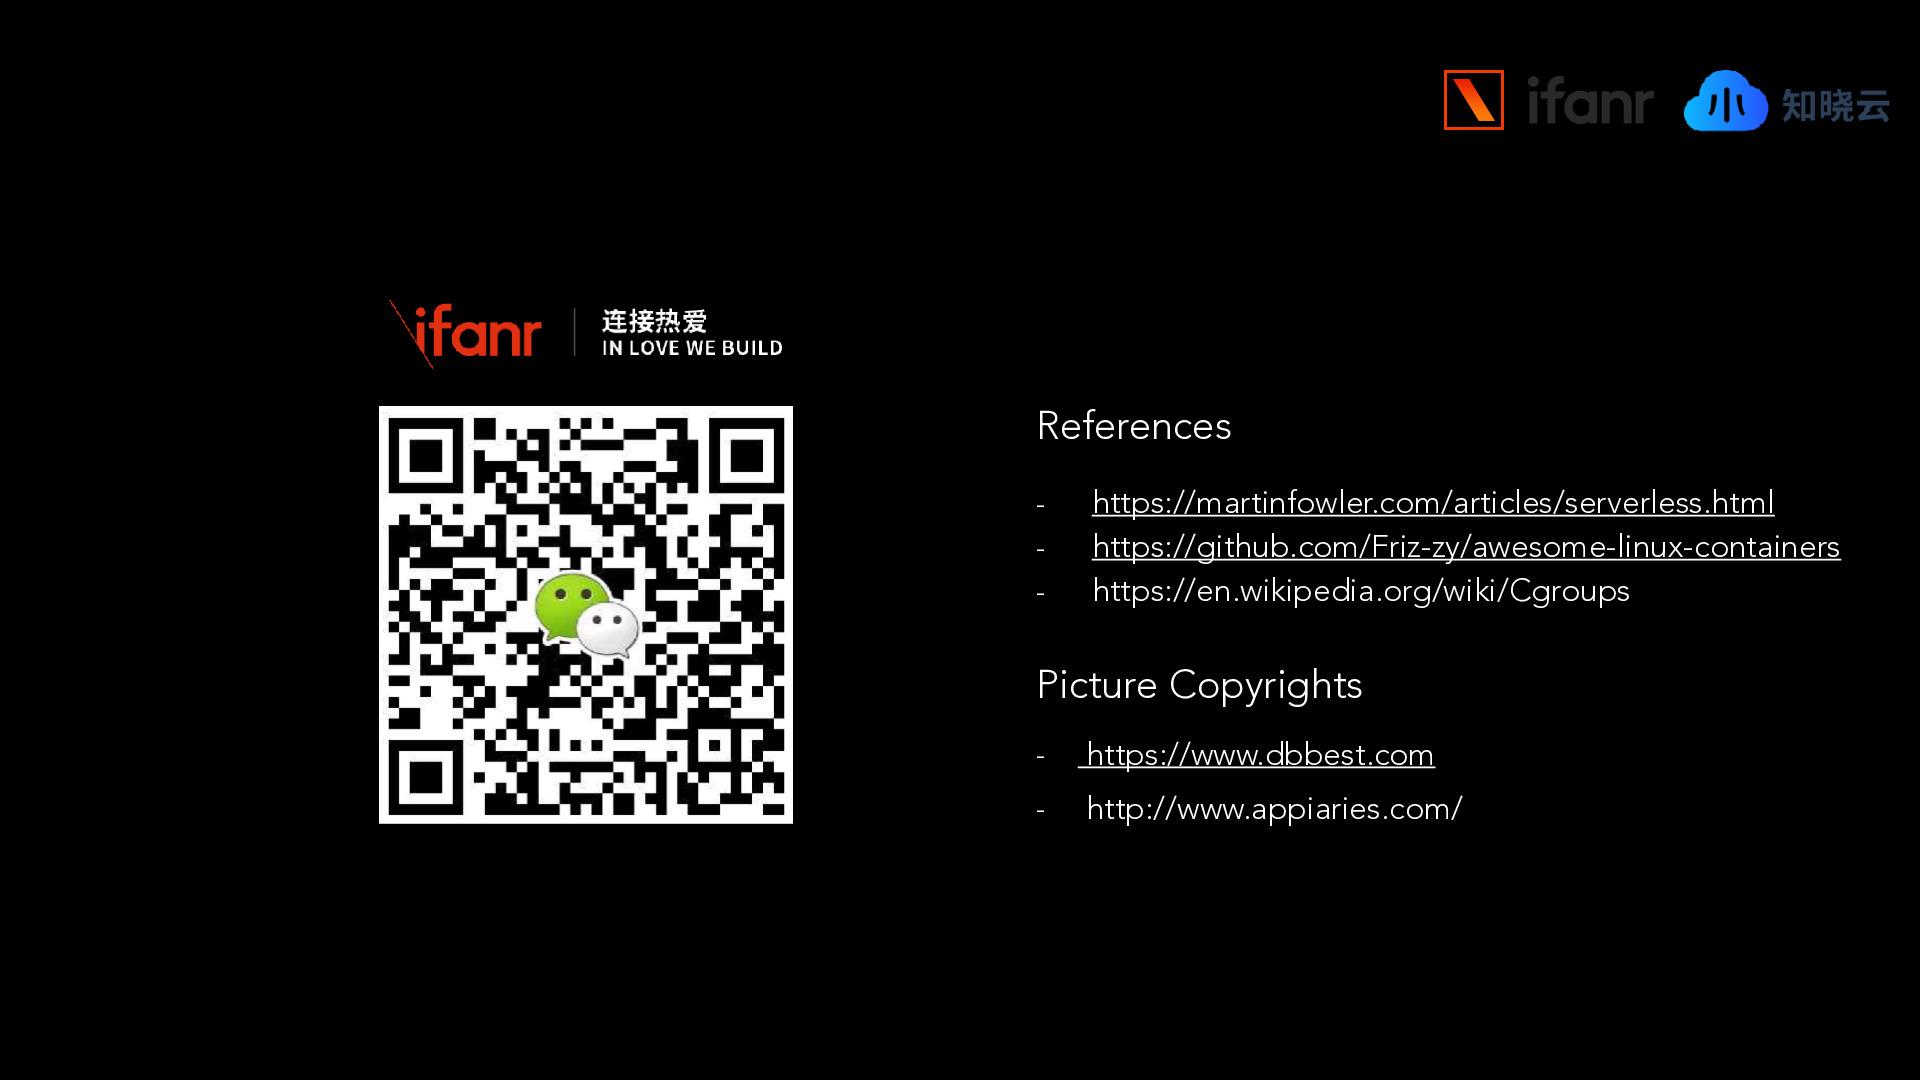 https://opentalk-blog.b0.upaiyun.com/prod/2018-10-15/76883428d5d40c60be7f929dde75cf9a